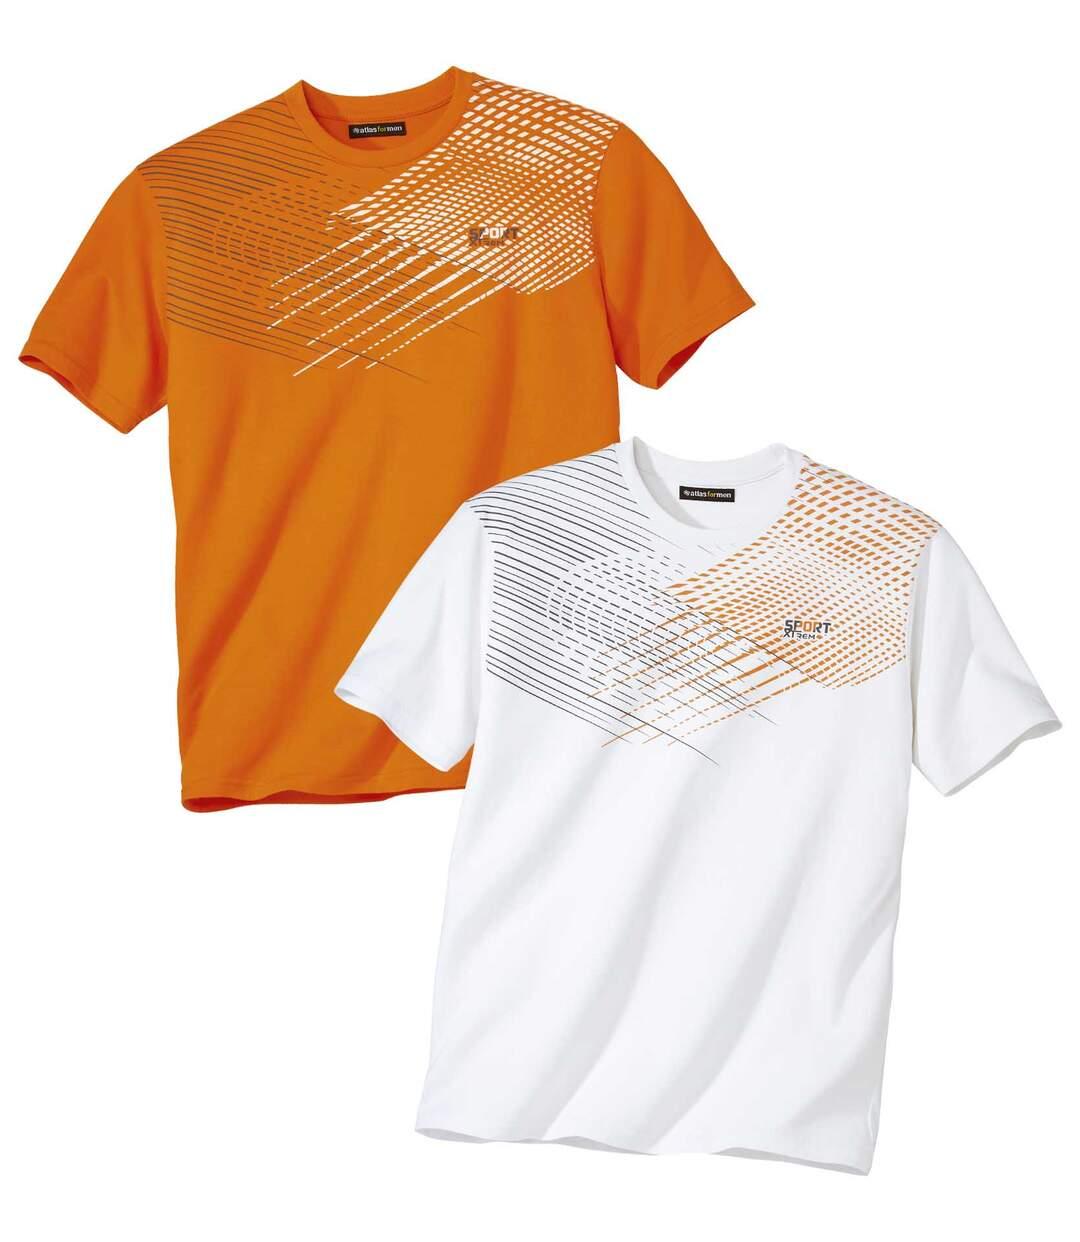 2er-Pack T-Shirts Sport XTrem